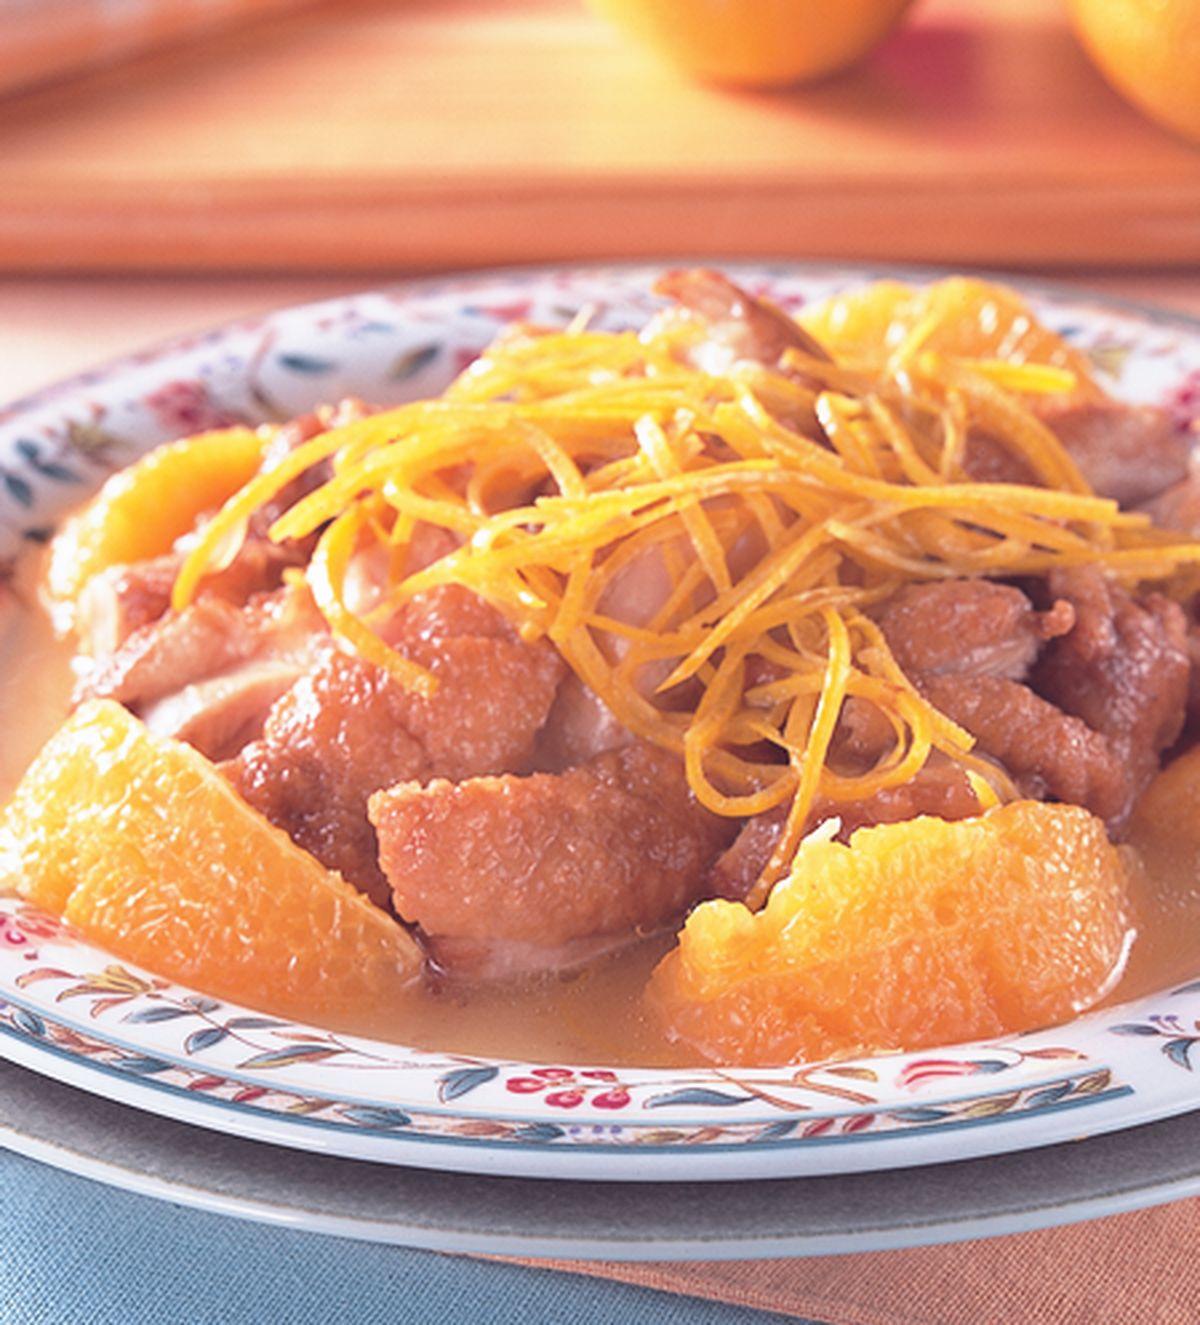 食譜:橙汁雞排